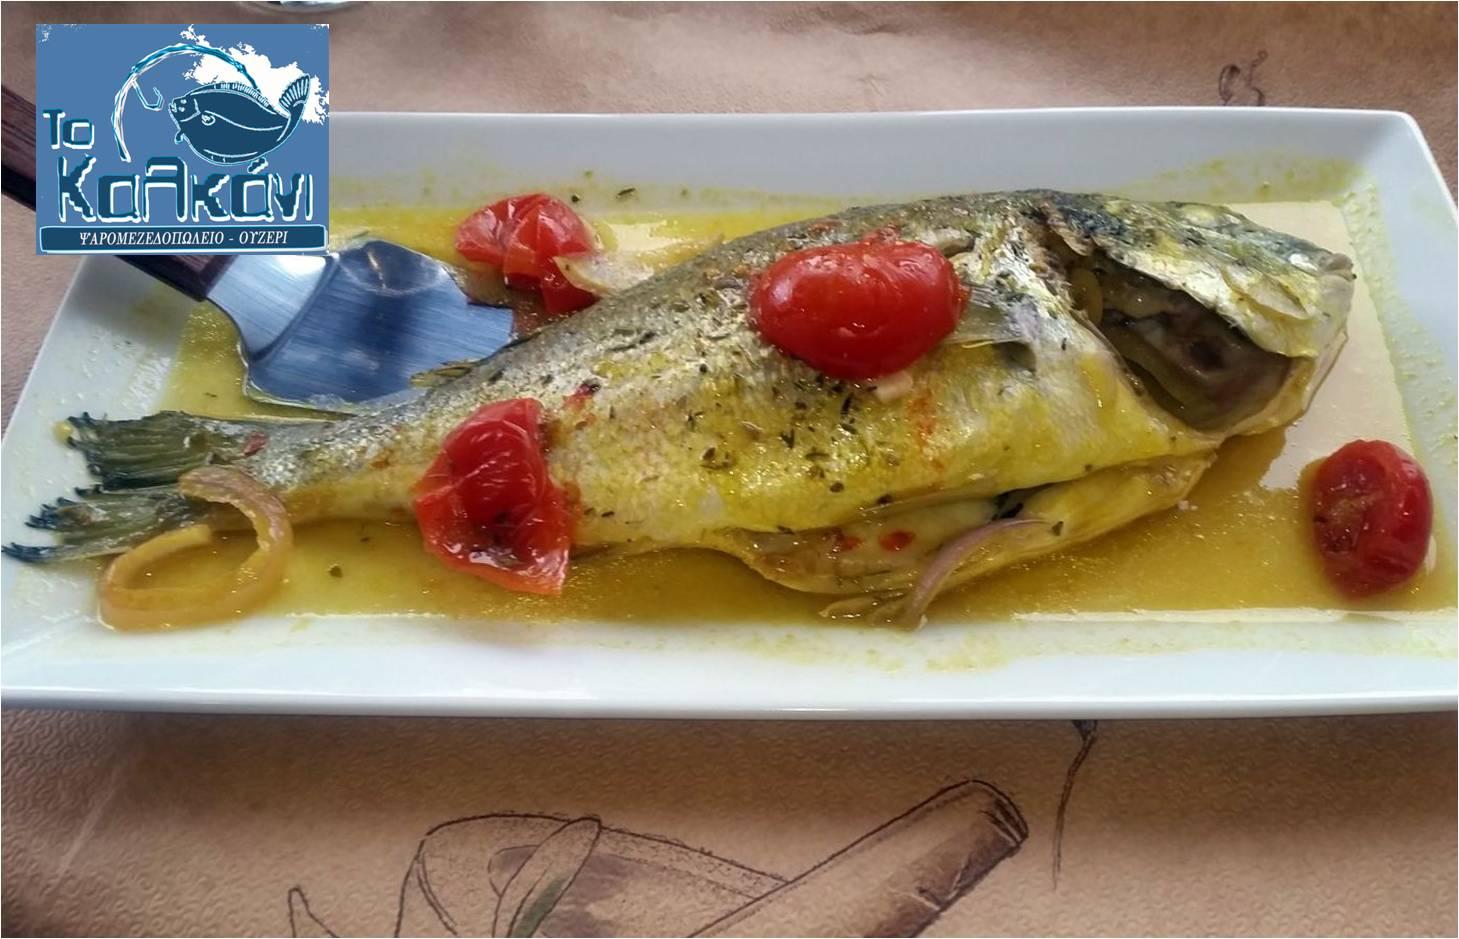 12€ απο 24€ για menu 2 ατομων, ελευθερη επιλογη, στο ολοκαινουργιο ψαρομεζεδοπωλειο »Το Καλκανι» στην Μιχαλακοπουλου